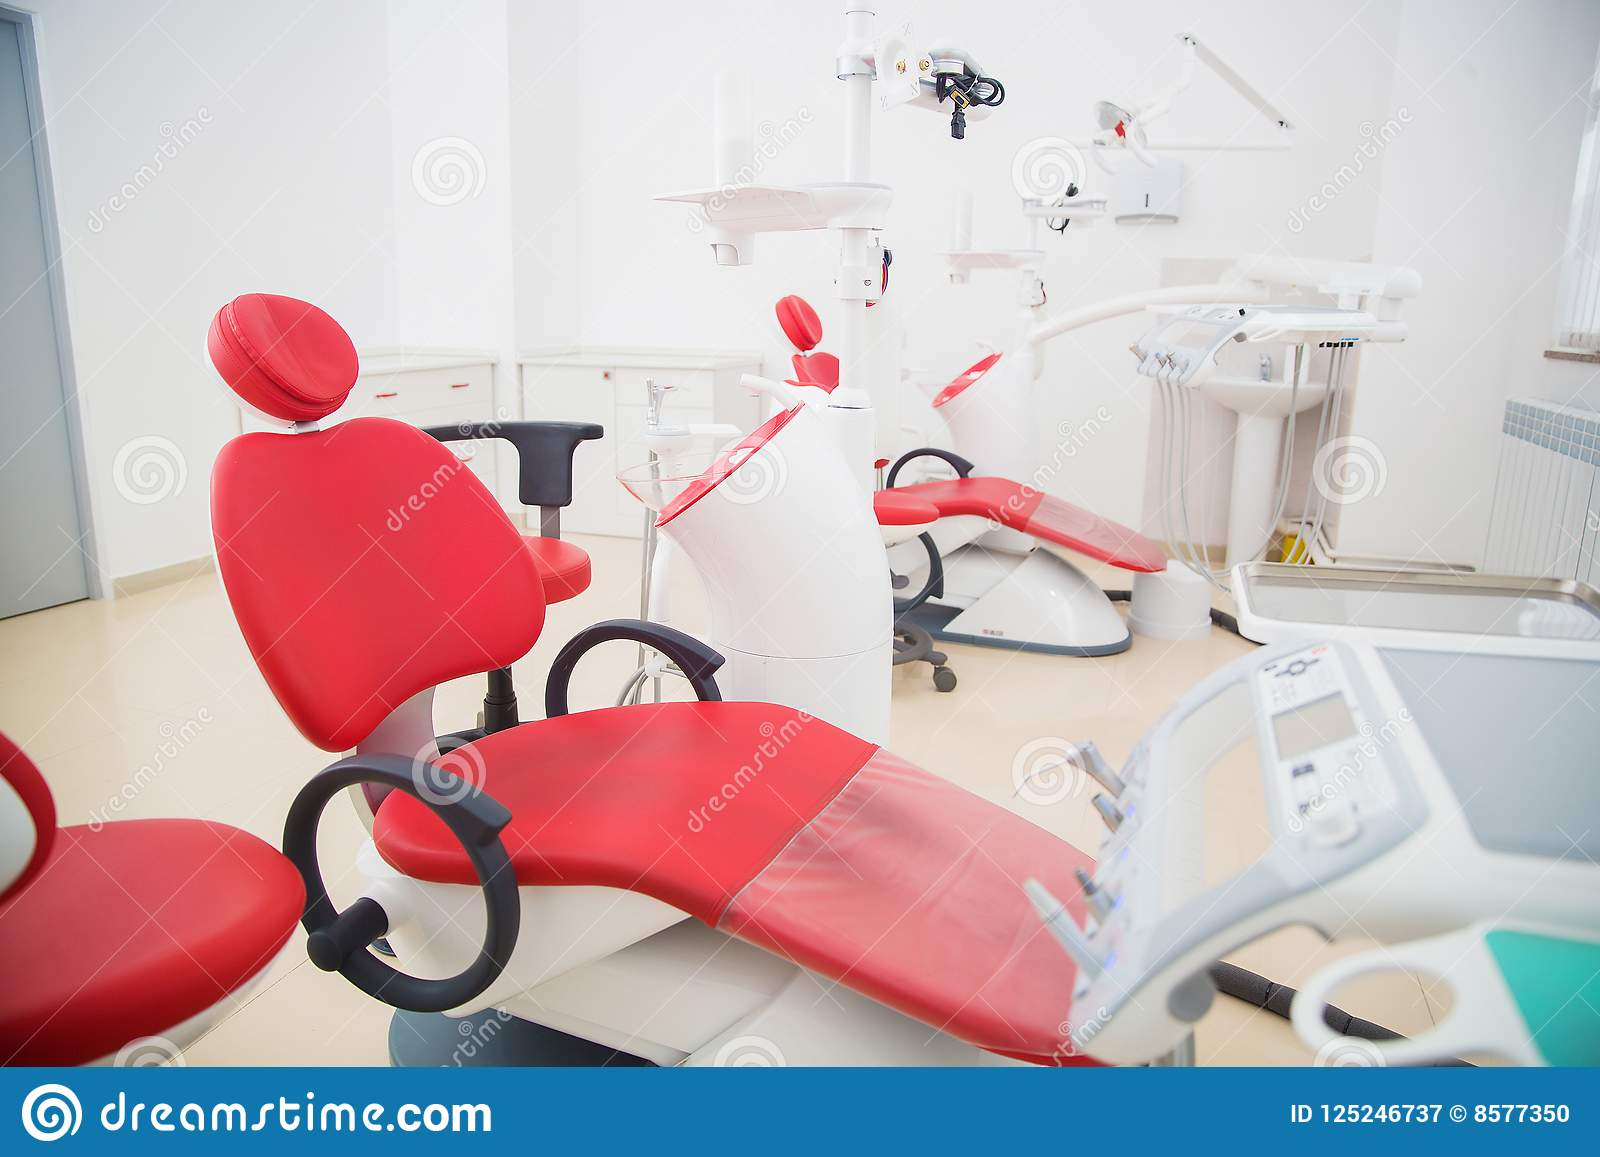 Geneeskunde, de stomatologie, tandkliniekbureau, medische apparatuur voor tandheelkunde